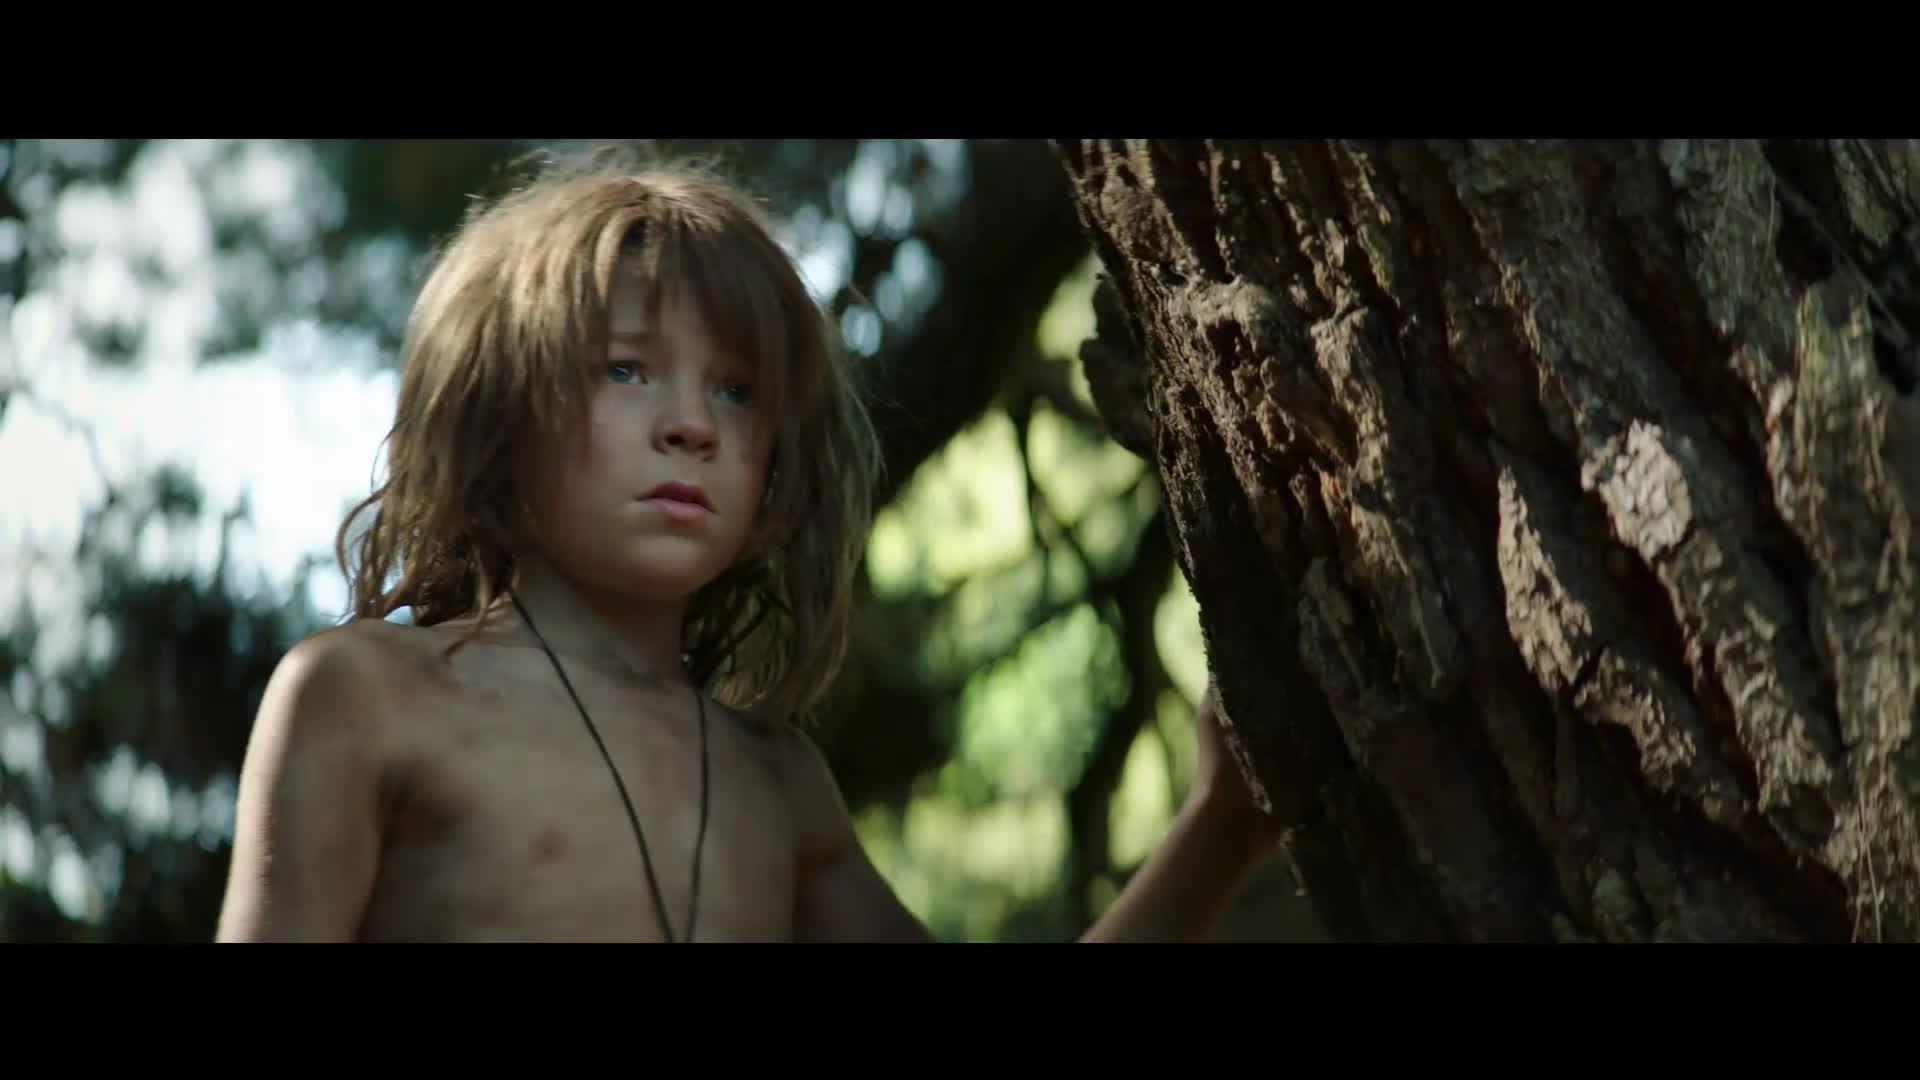 ELLIOT, DER DRACHE - Trailer